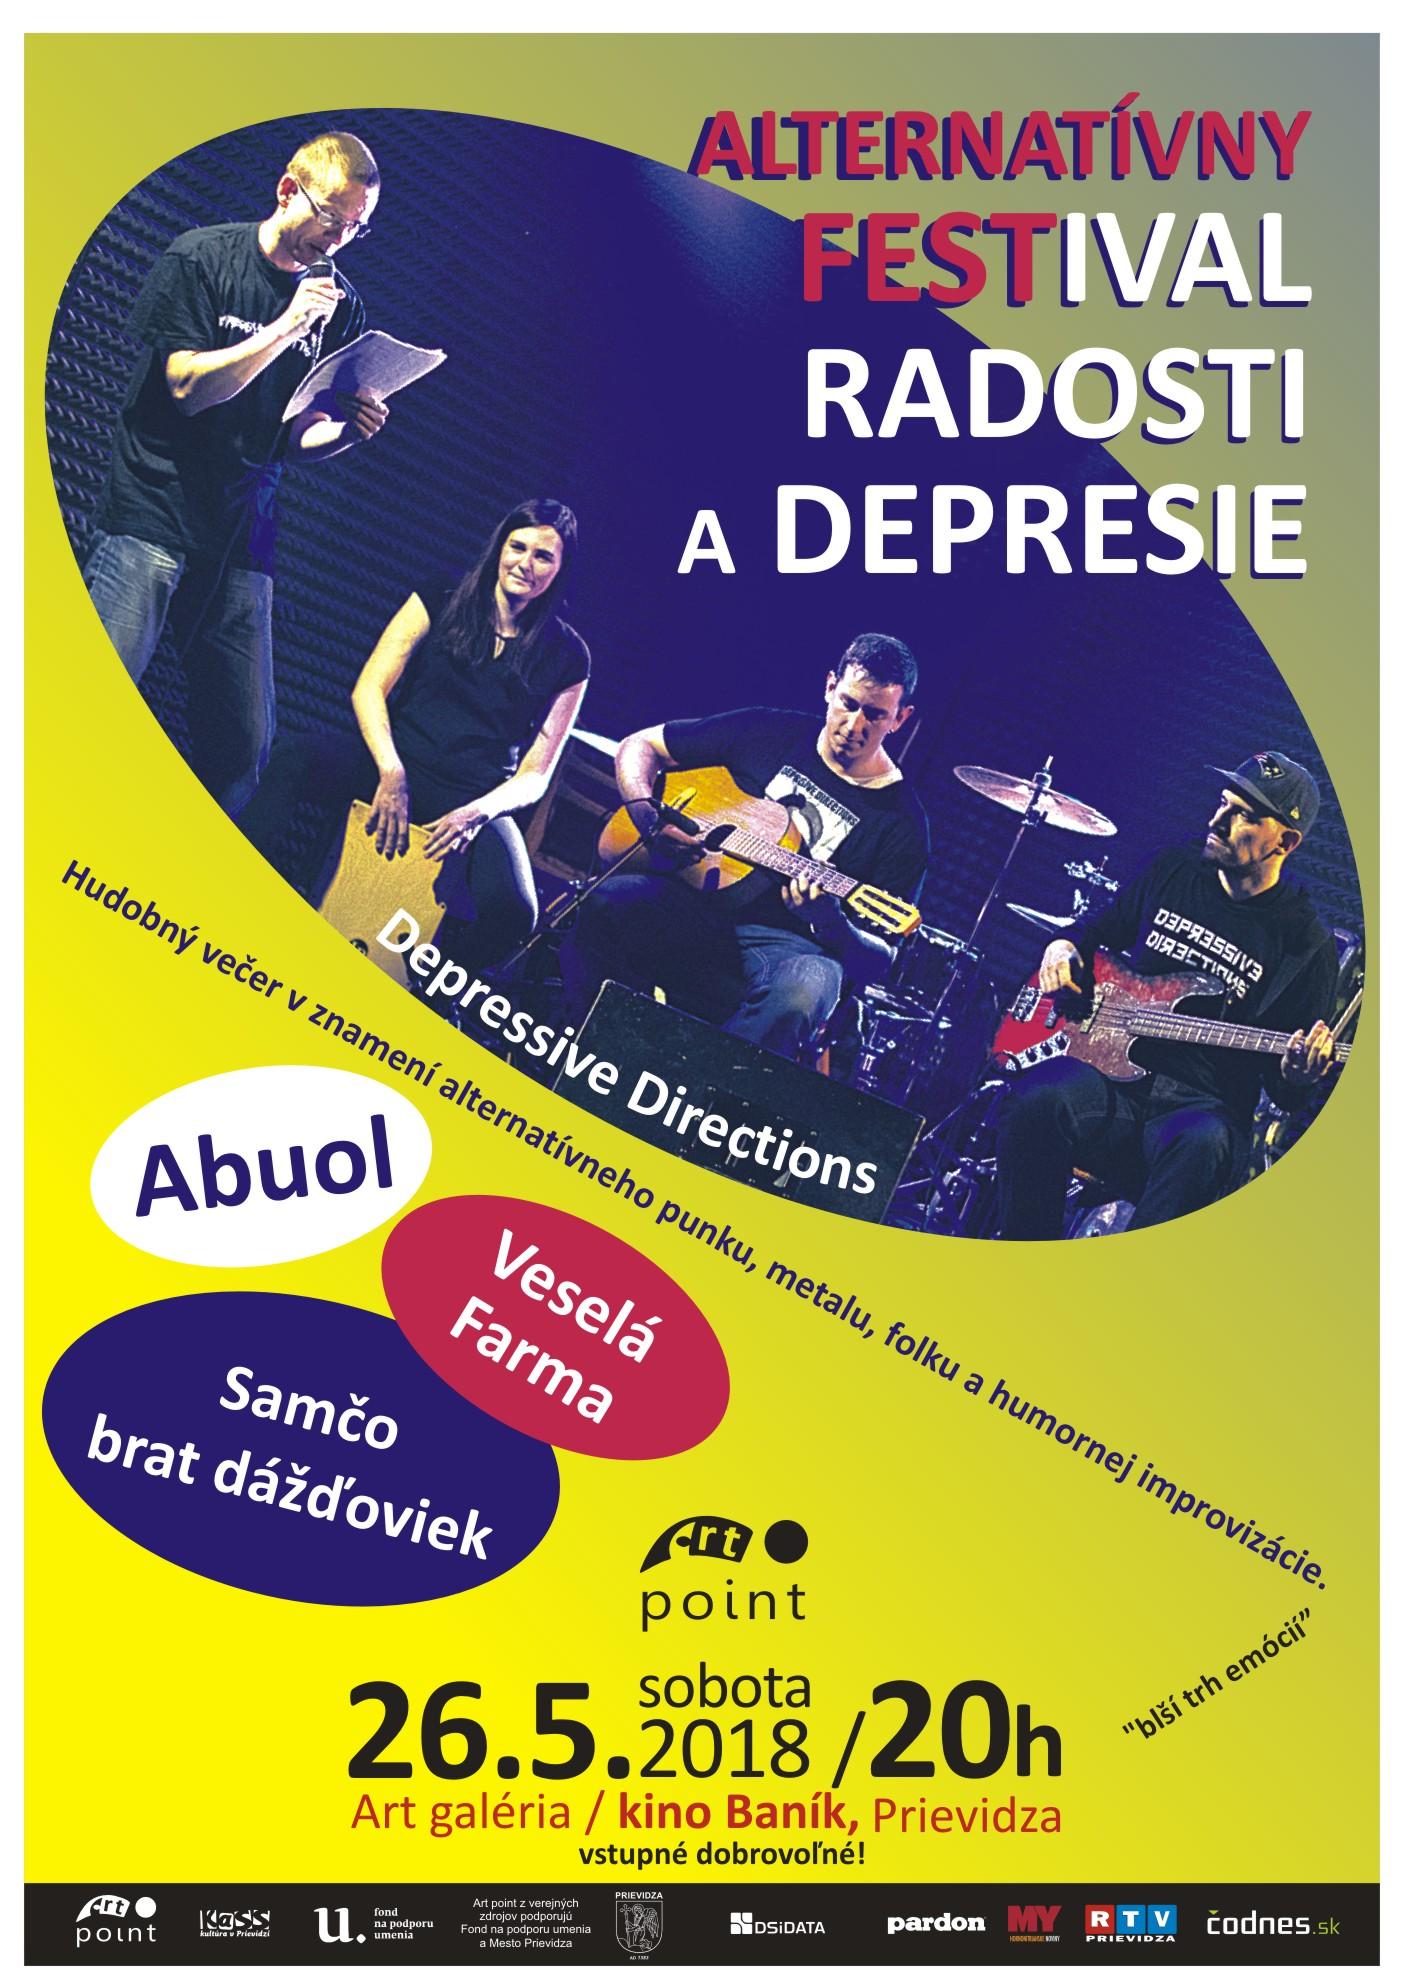 Alternatívny festival radosti a depresie